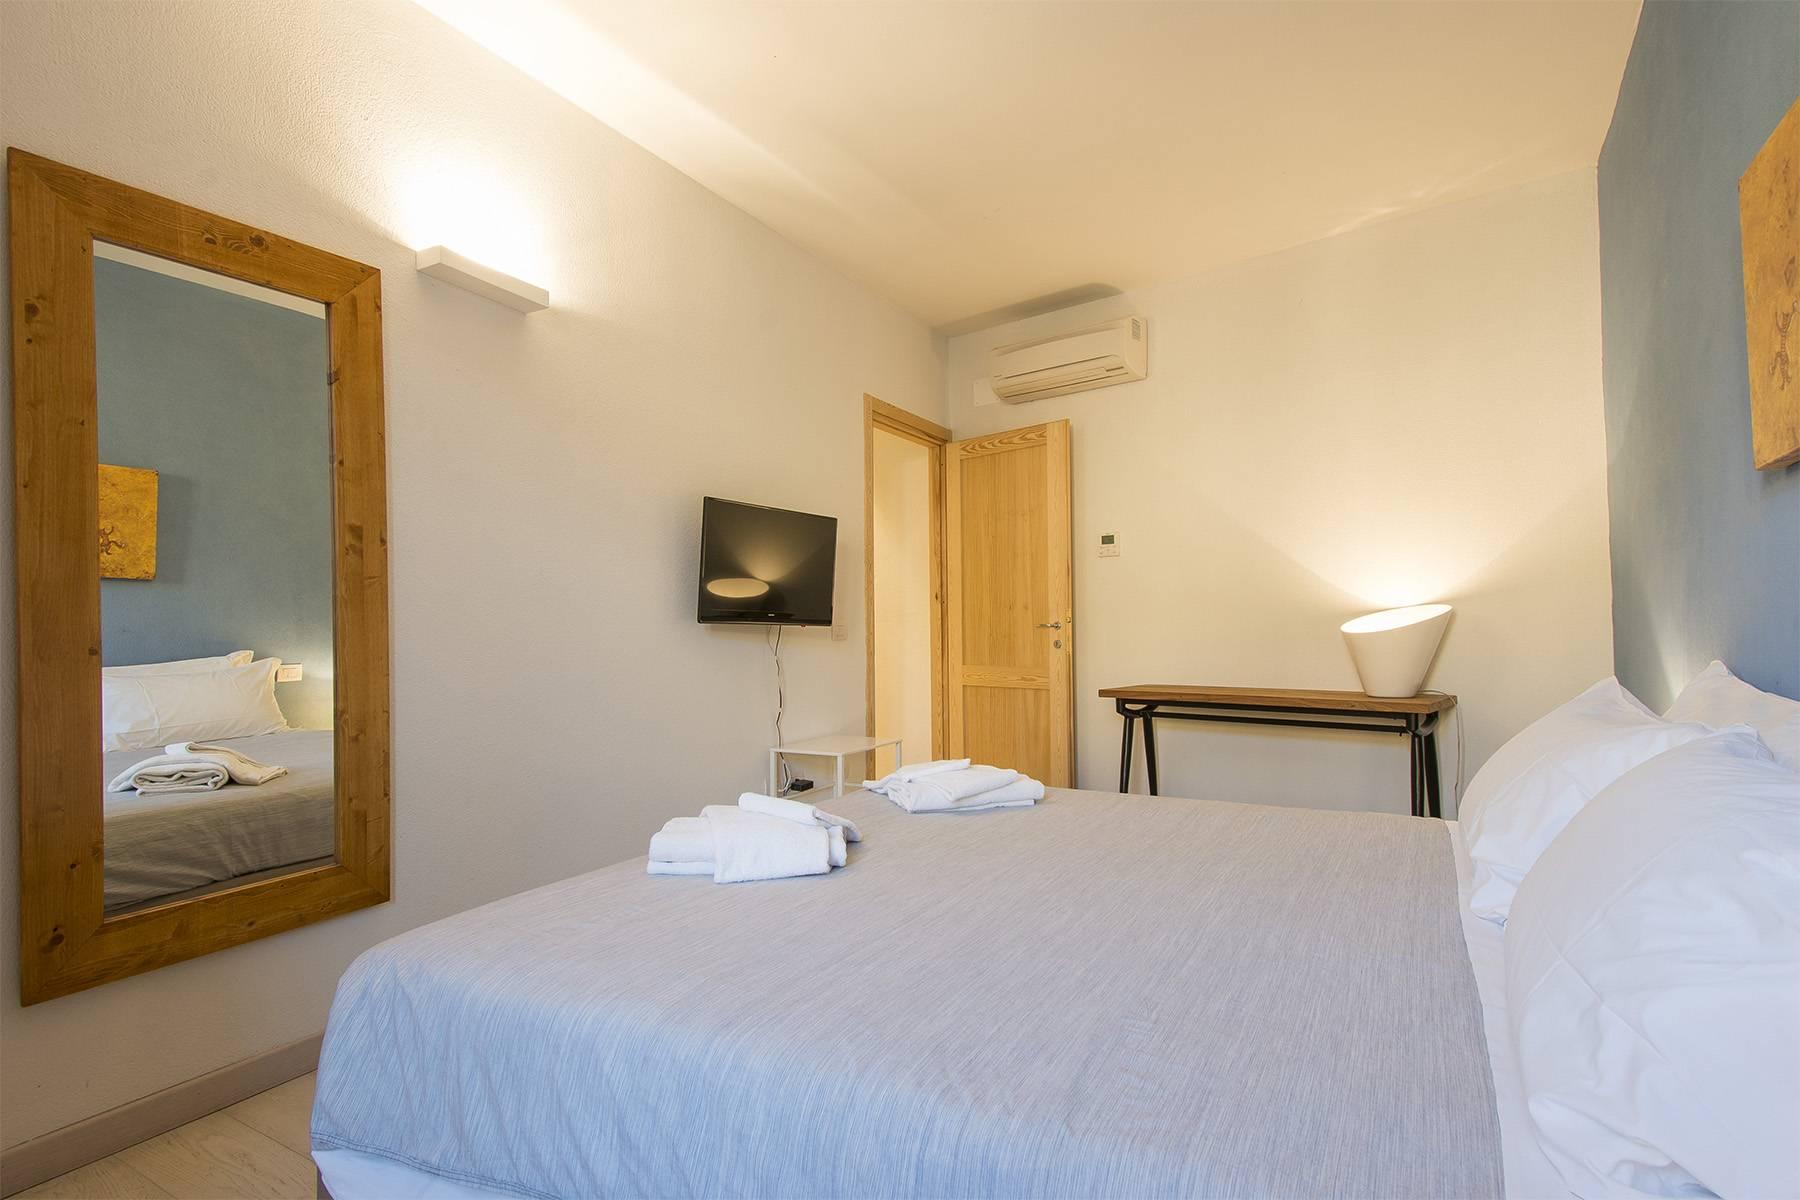 Appartamento in Vendita a Lucca: 3 locali, 105 mq - Foto 19